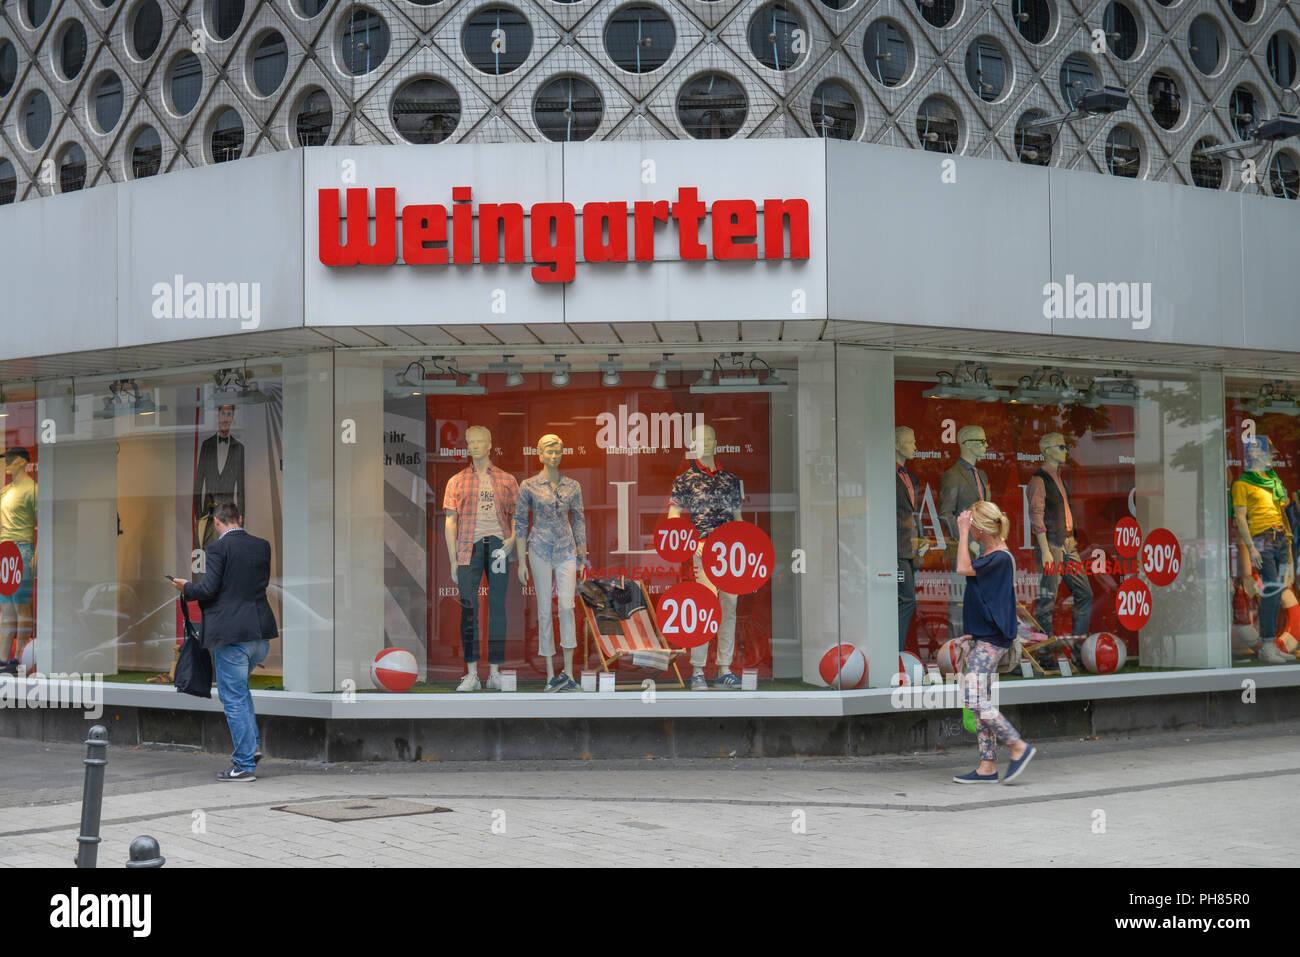 Weingarten Friesenplatz